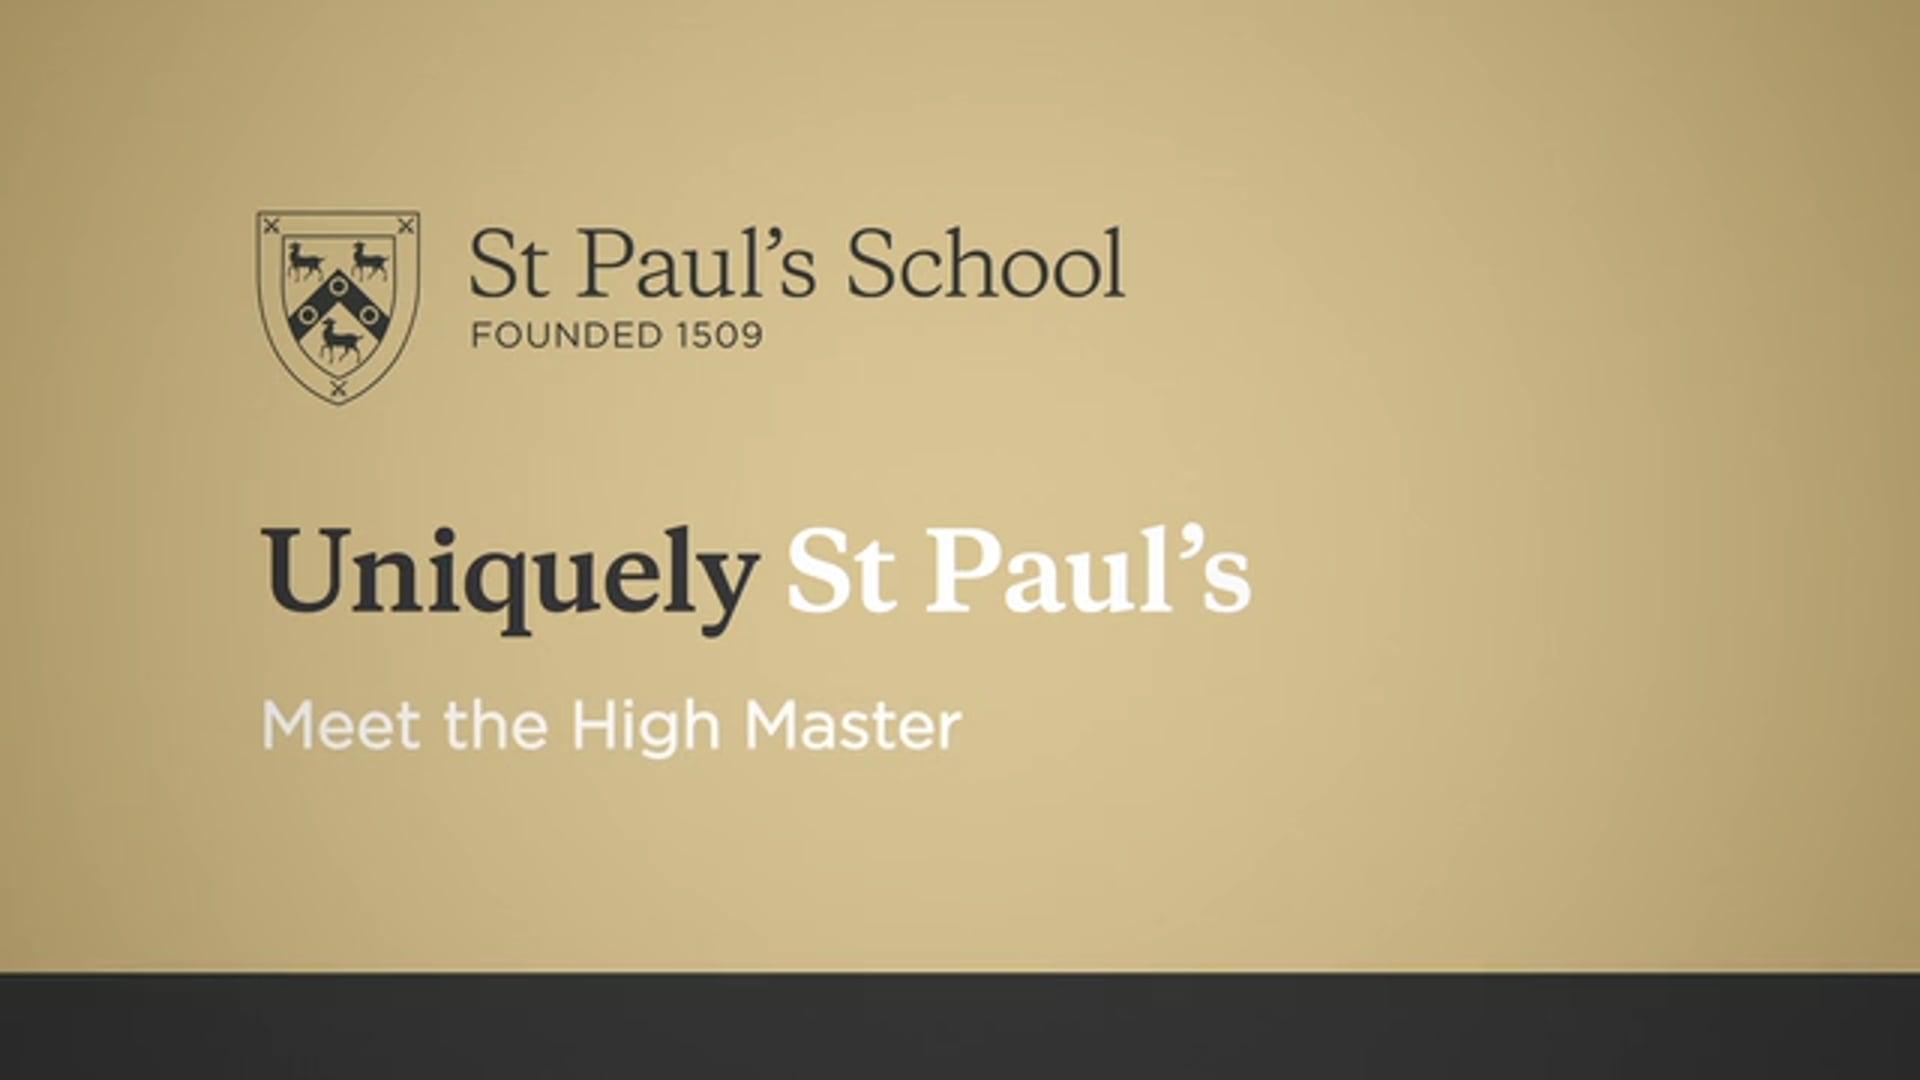 St. Paul's School - Meet the High Master